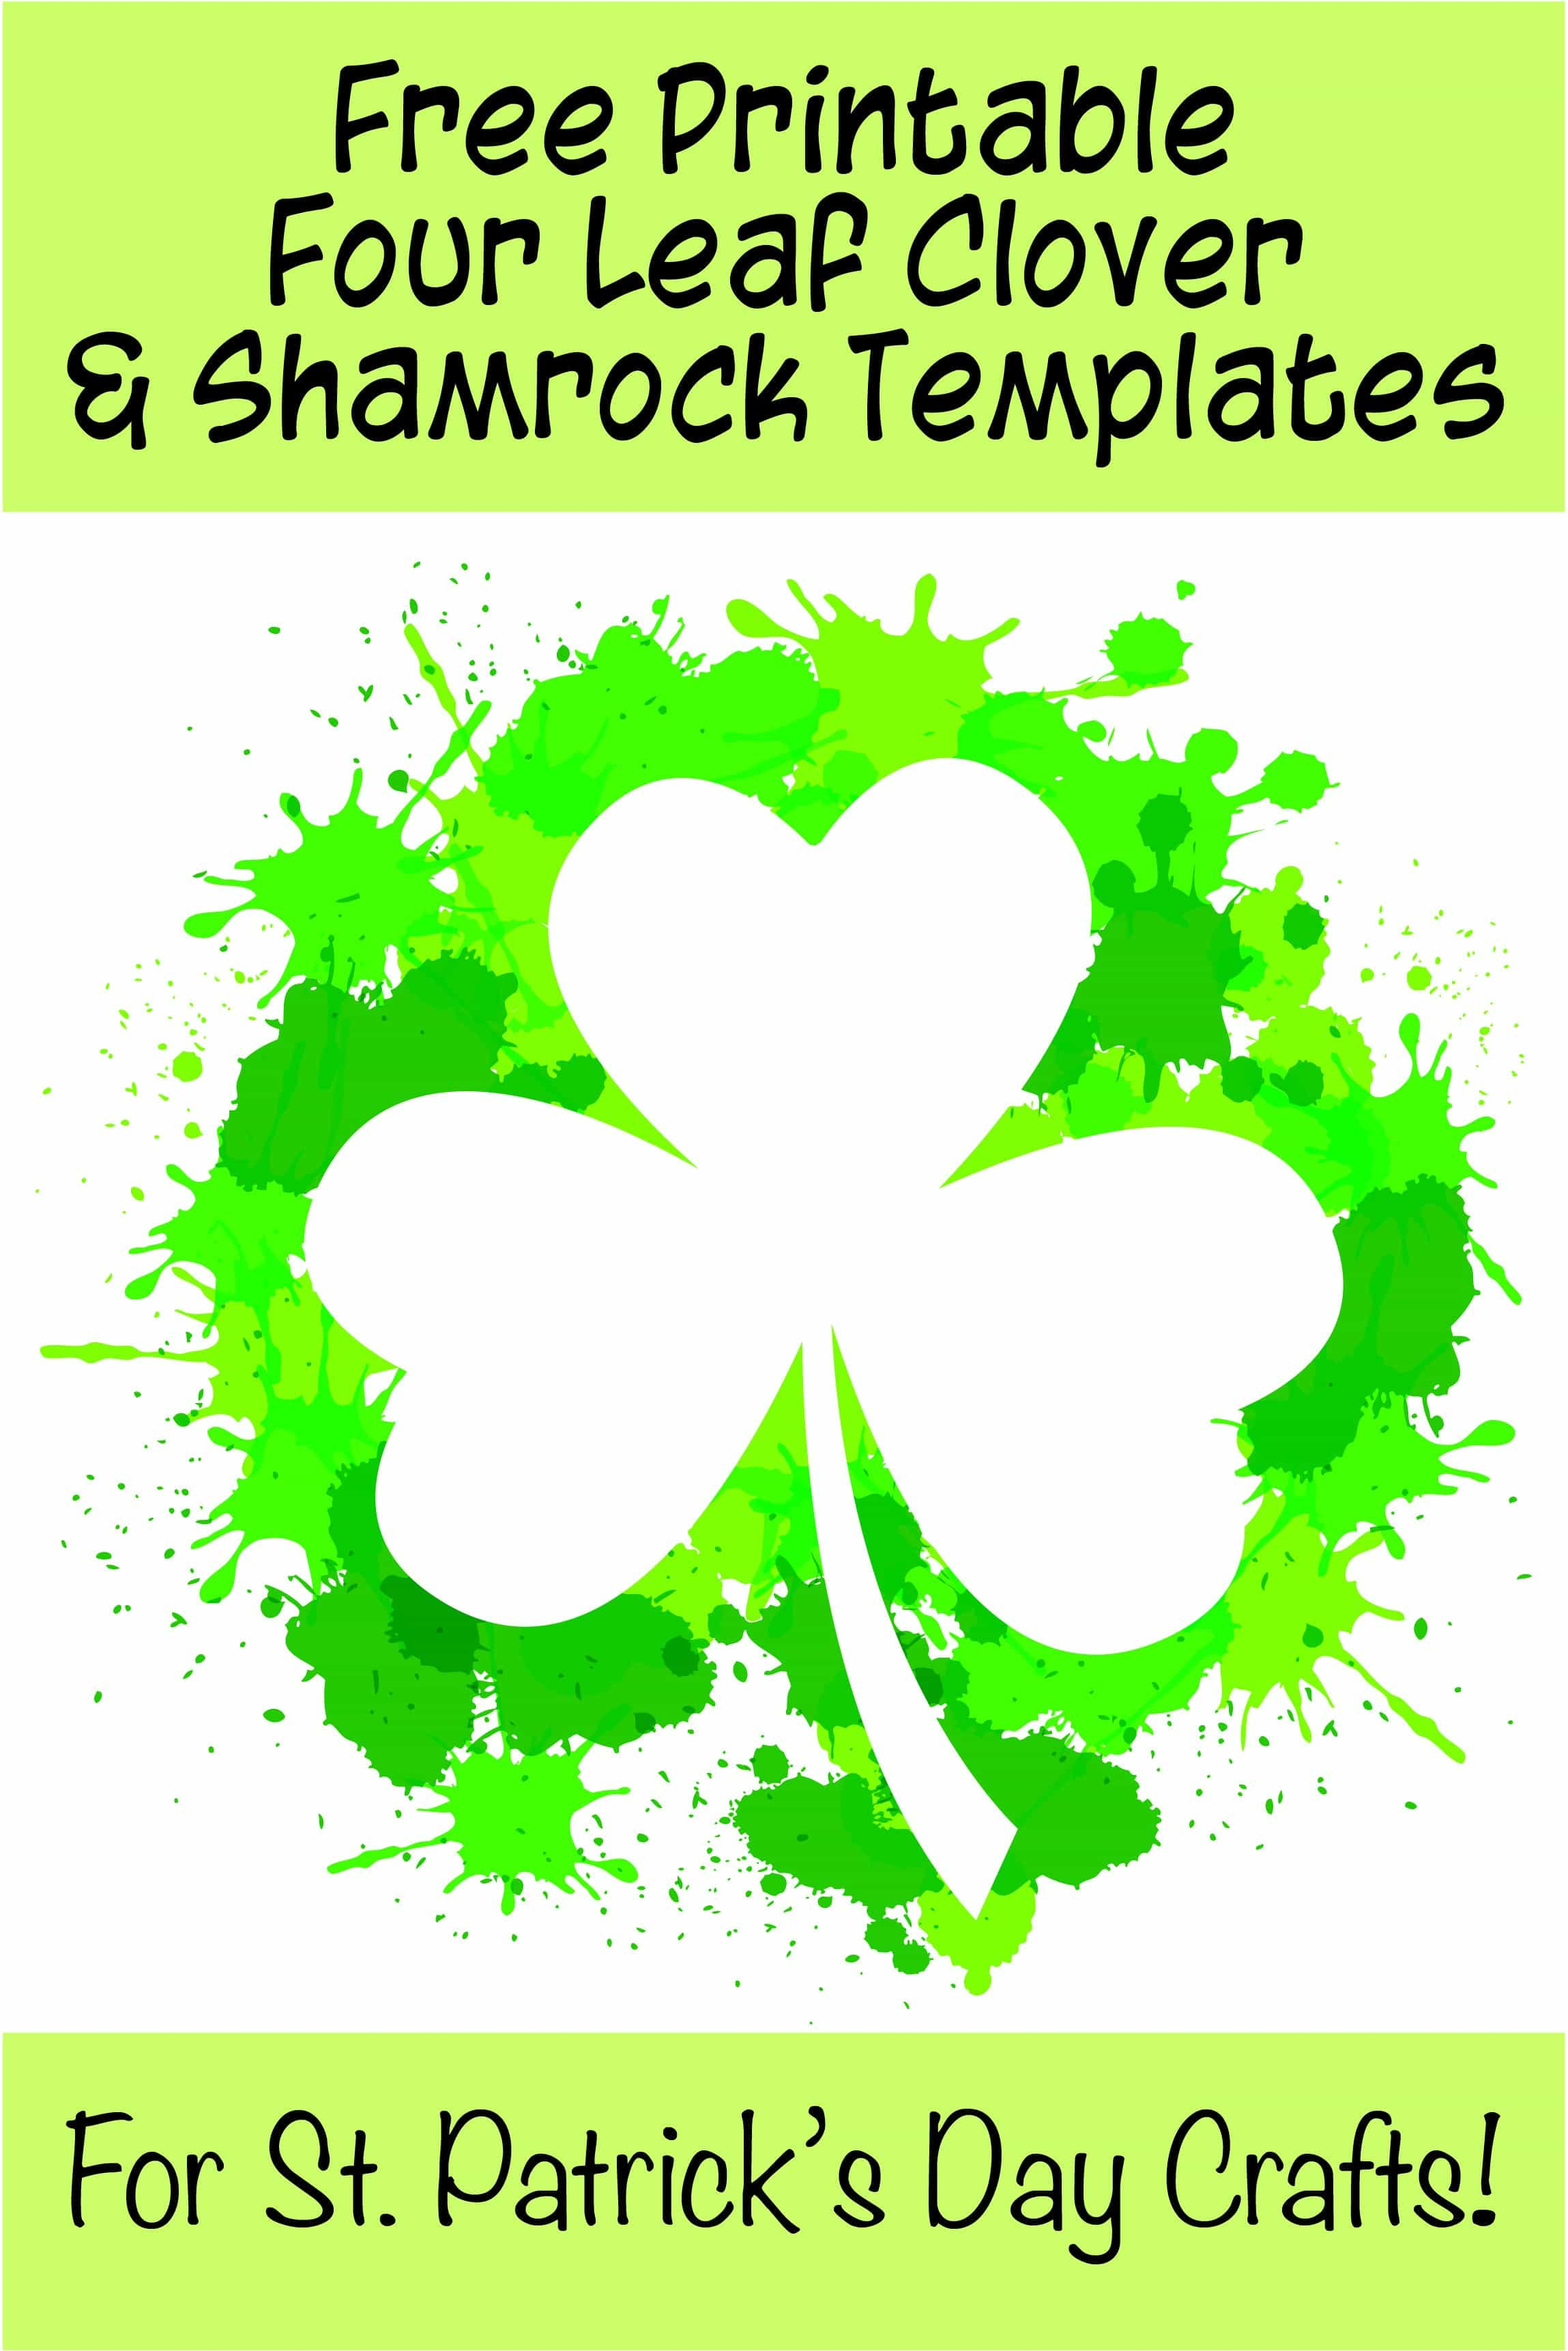 17+ Free Printable Four Leaf Clover & Shamrock Templates - The - Free Printable Shamrocks